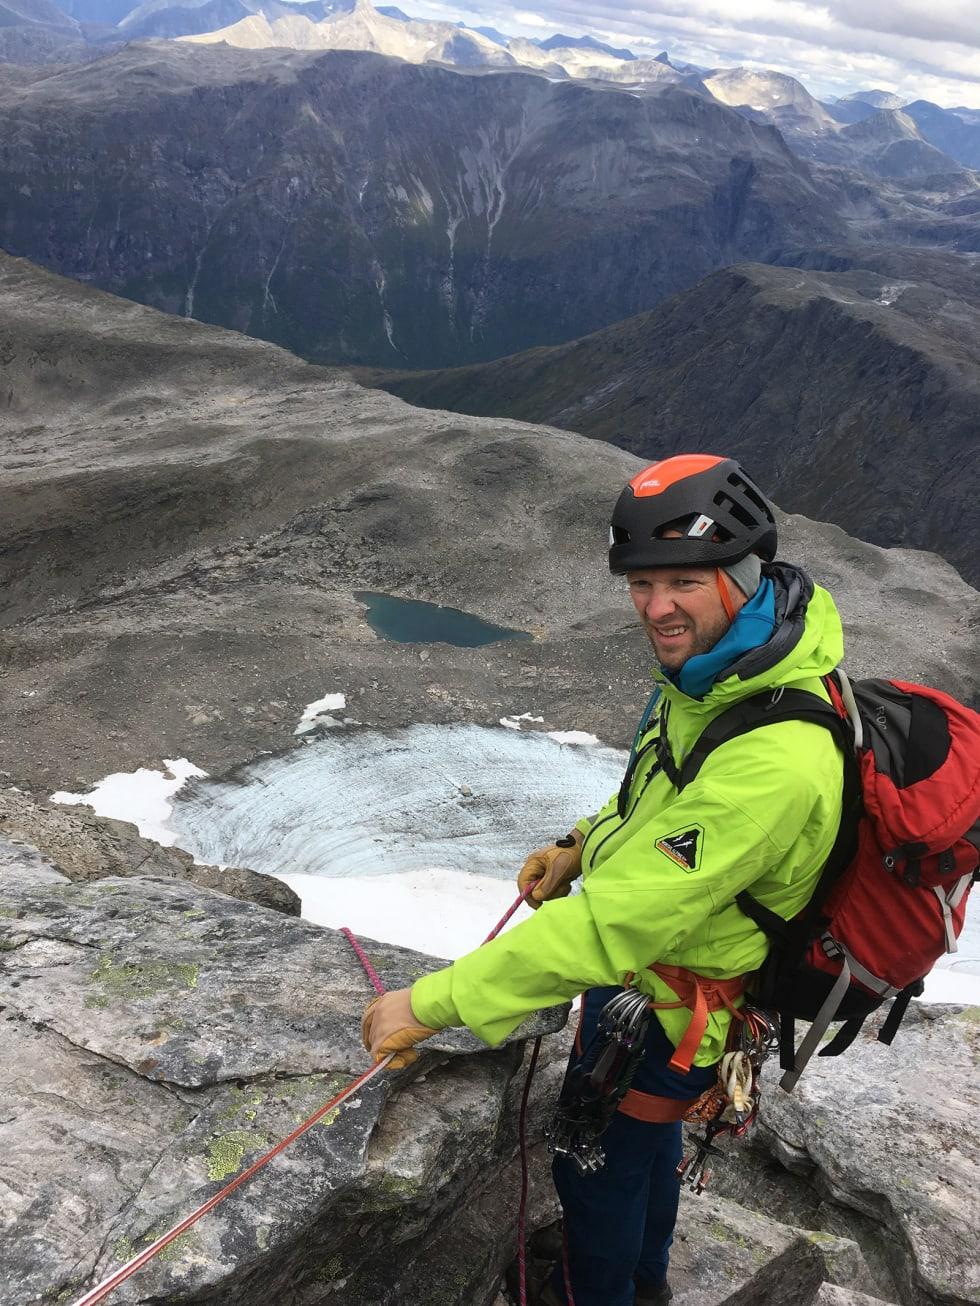 REDNINGSKLATRER: REDNINGSLEDER: Kevin Kolstad har vært medlem av Romsdal Fjellredningsgruppe i åtte år og overtok lederrollen i vår. Foto: Privat